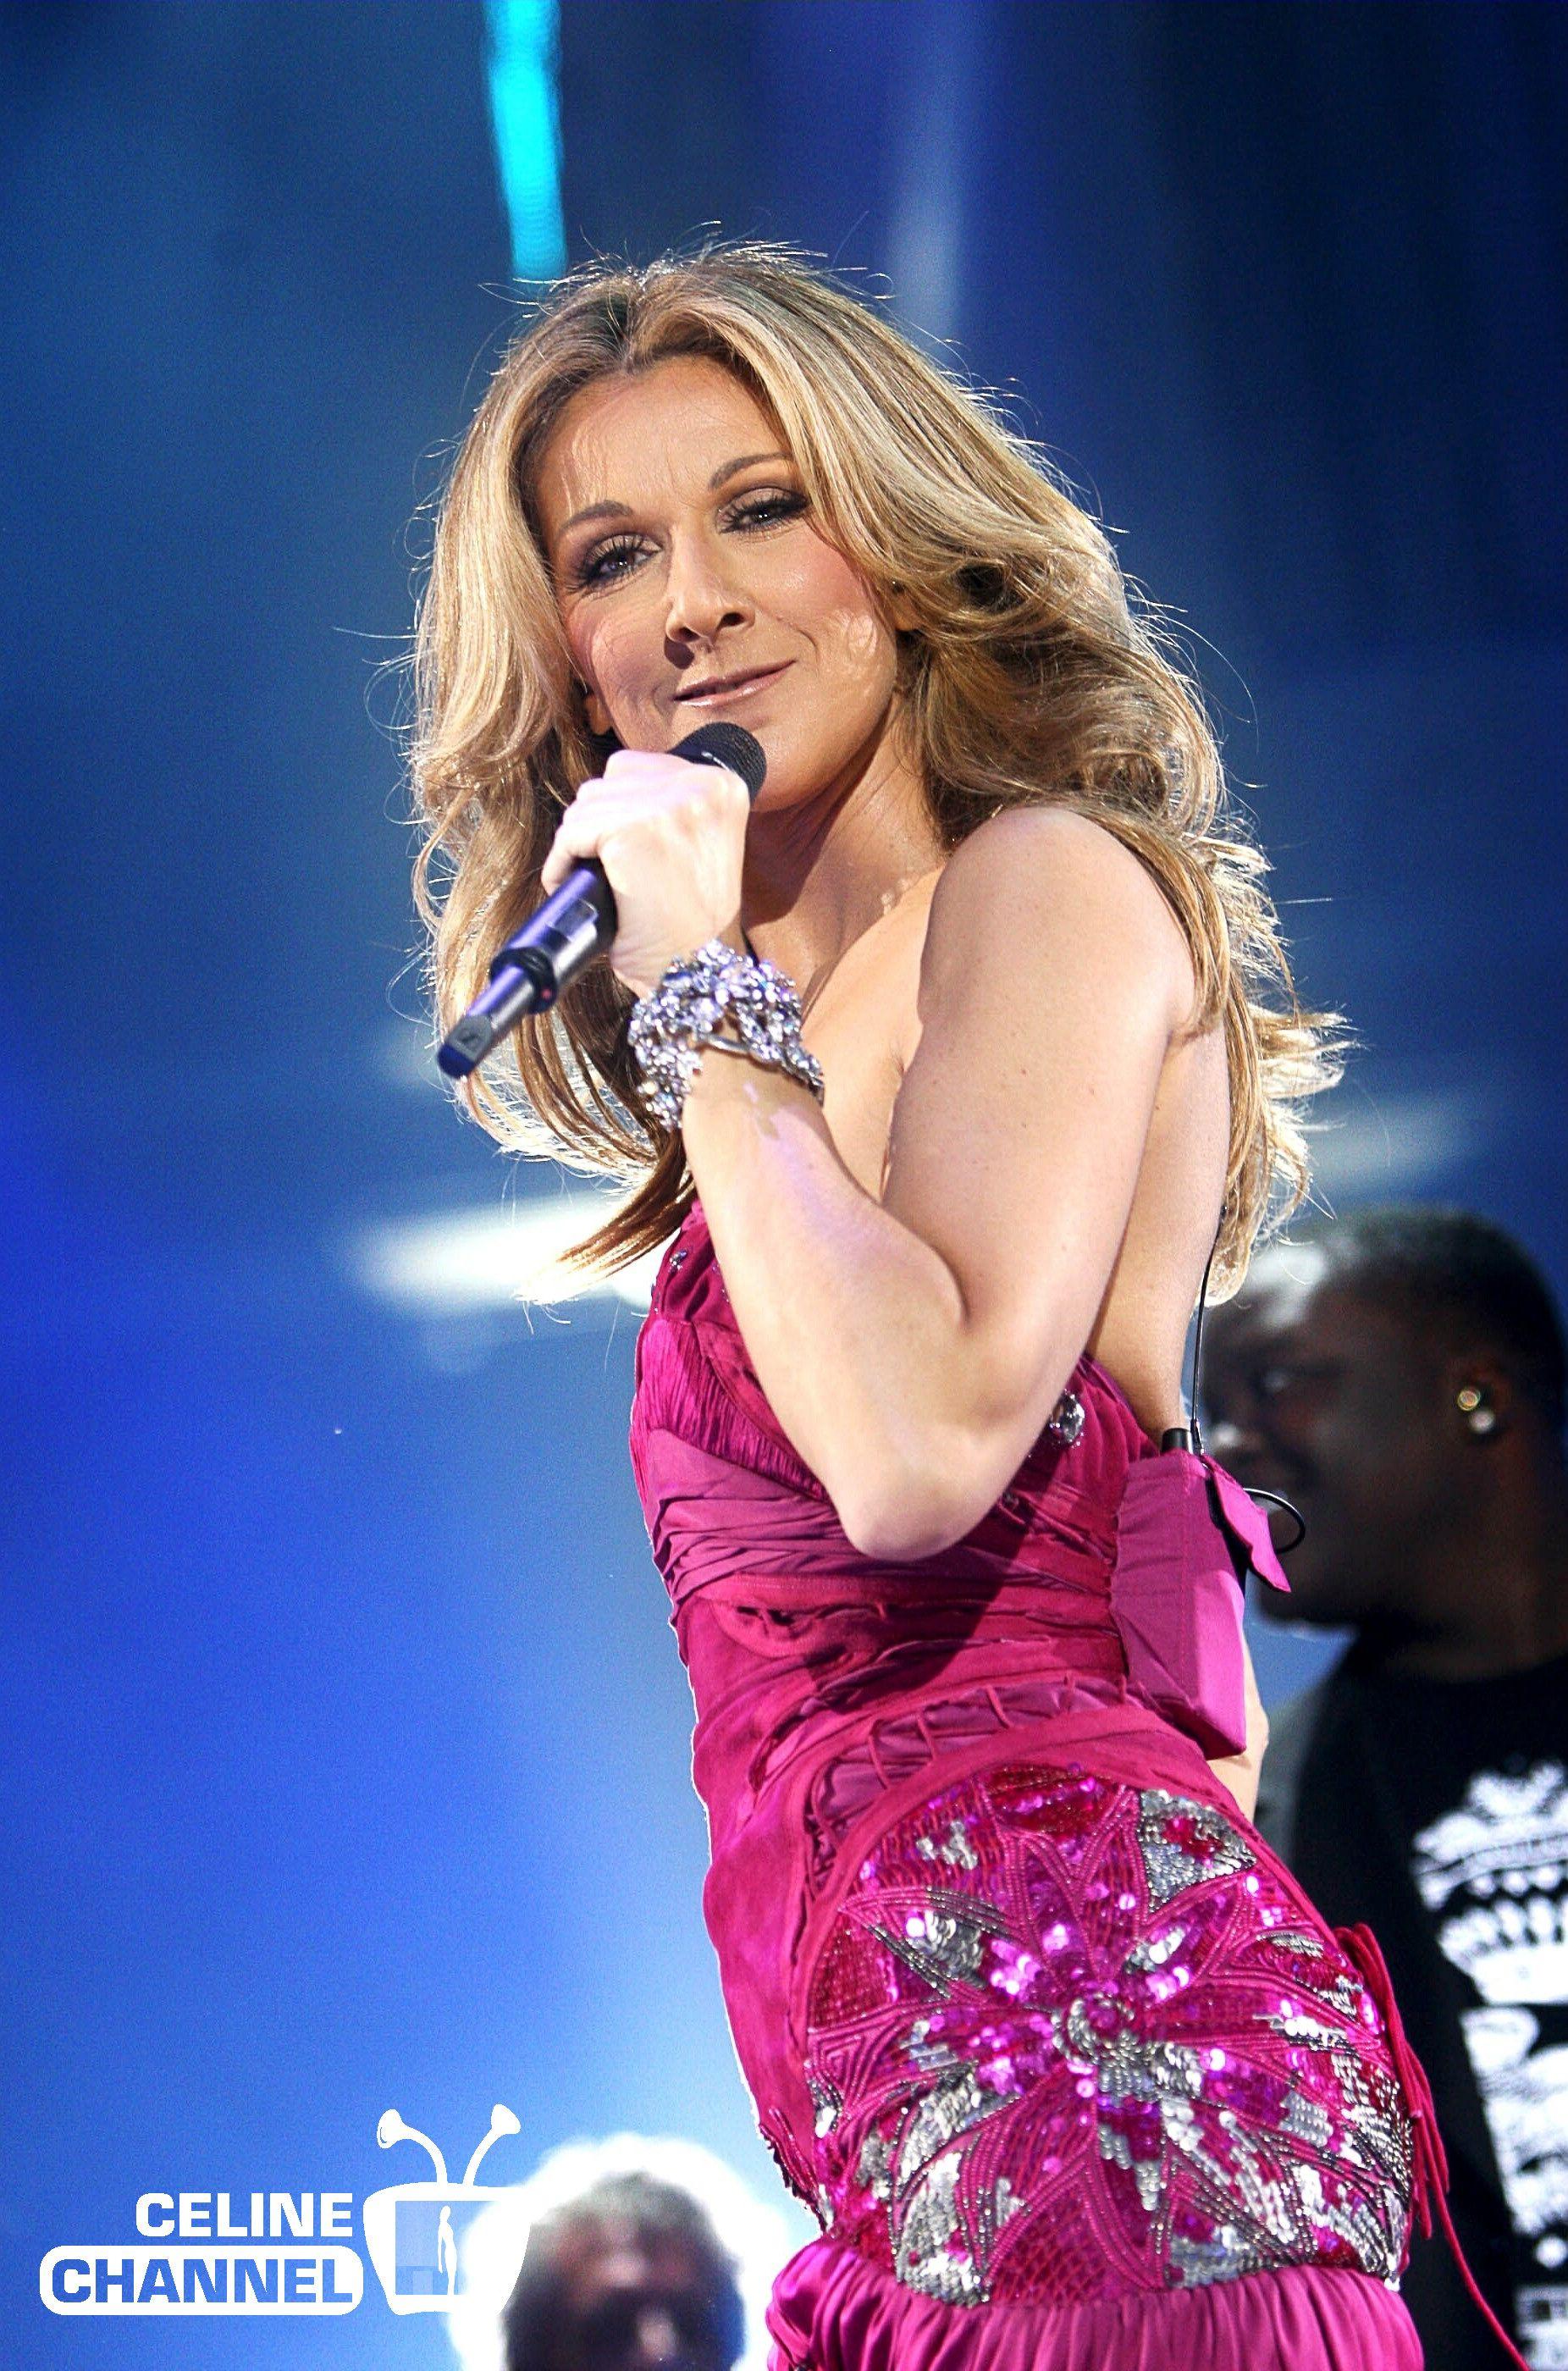 Celine Dion Concert Recherche Google Celine Dion Concert Celine Dion Celine